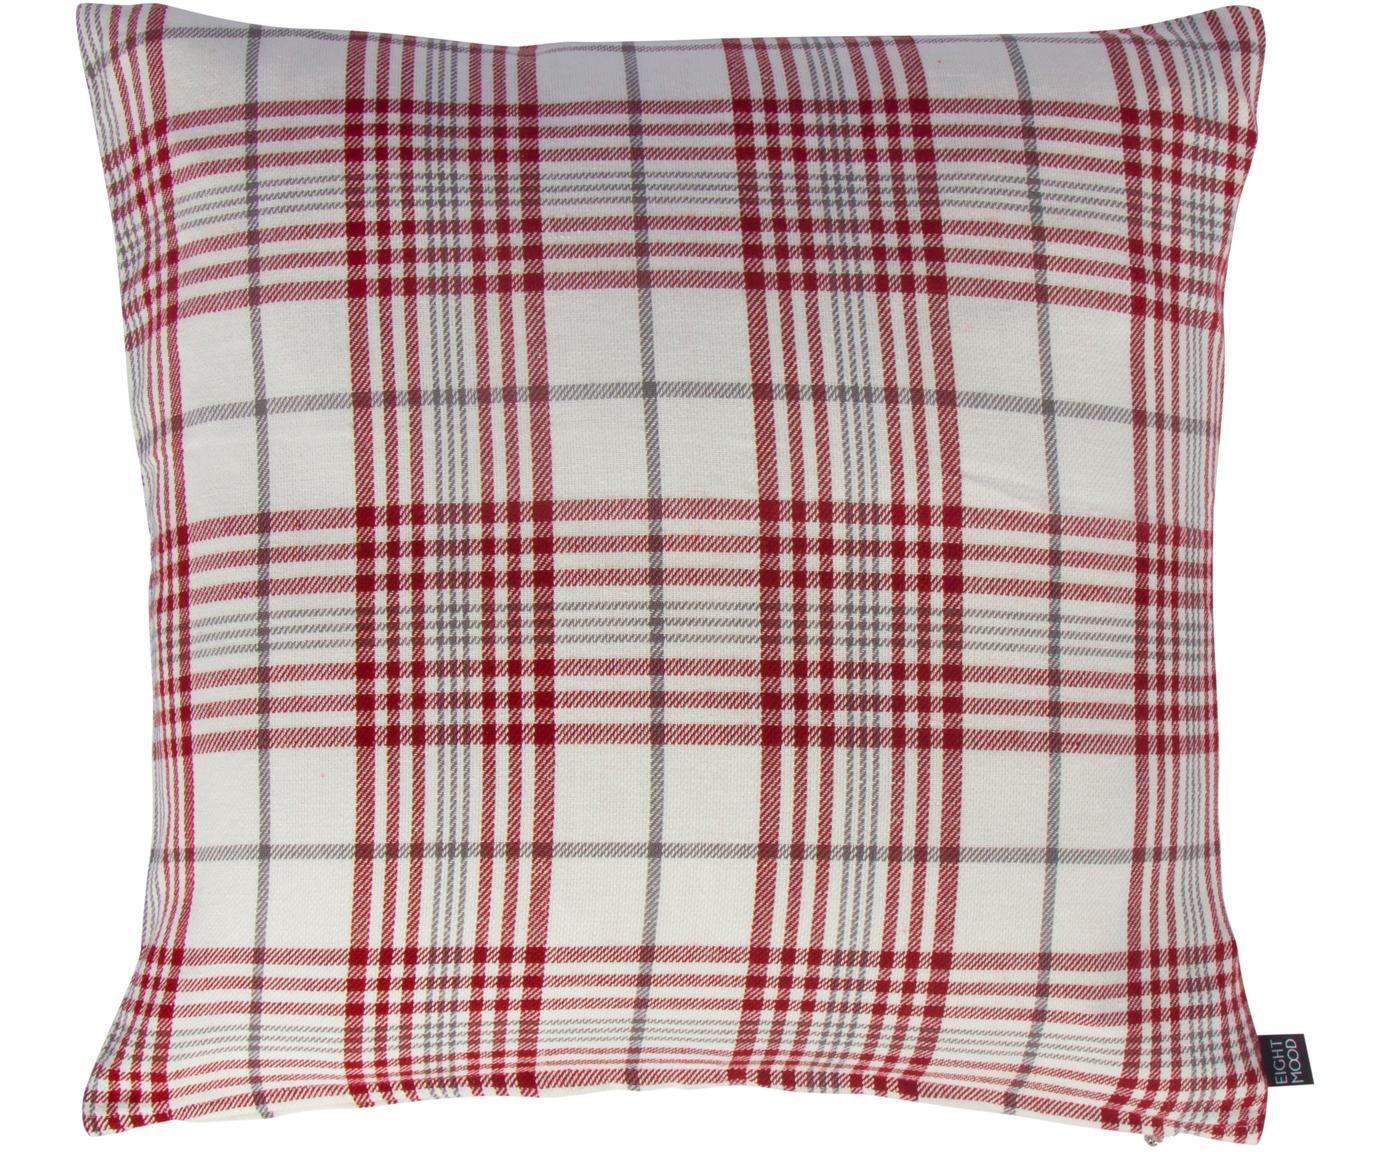 Cuscino con imbottitura Siv, Rivestimento: cotone, Rosso, beige, antracite, Larg. 50 x Lung. 50 cm